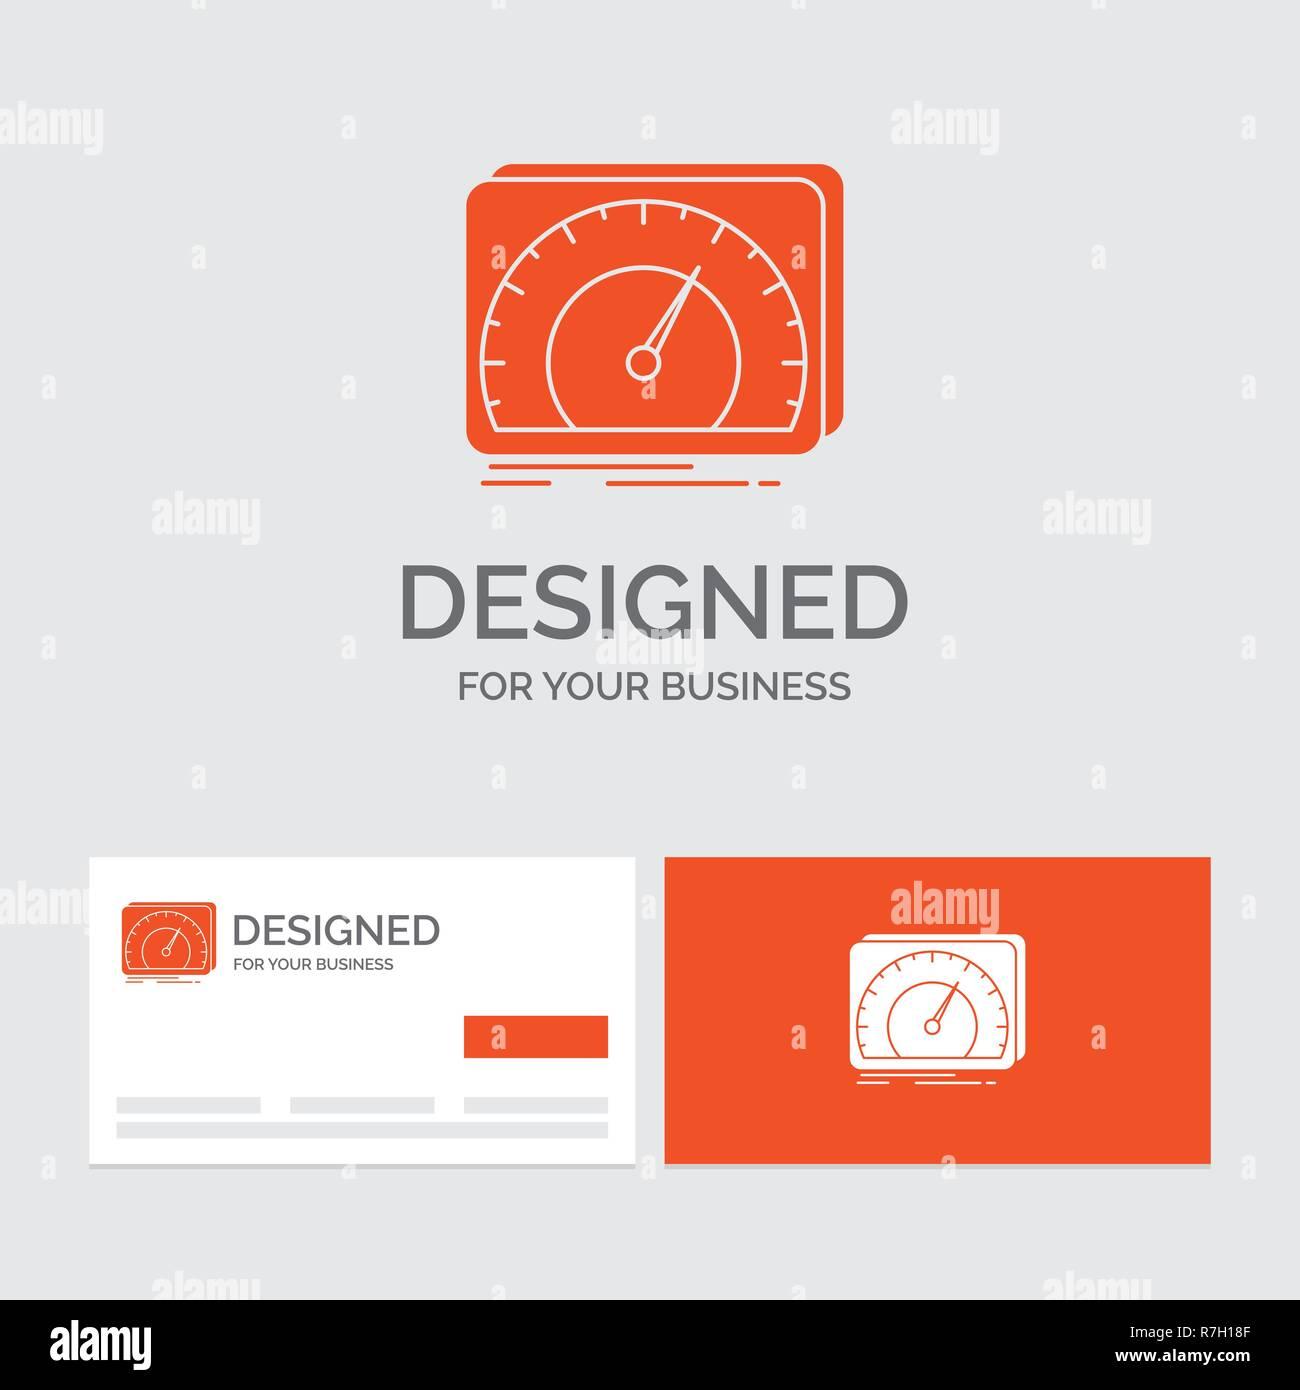 Logo Dentreprise Modele Pour Planche De Bord Lappareil Vitesse Test Internet Cartes Visite Orange Avec Marque